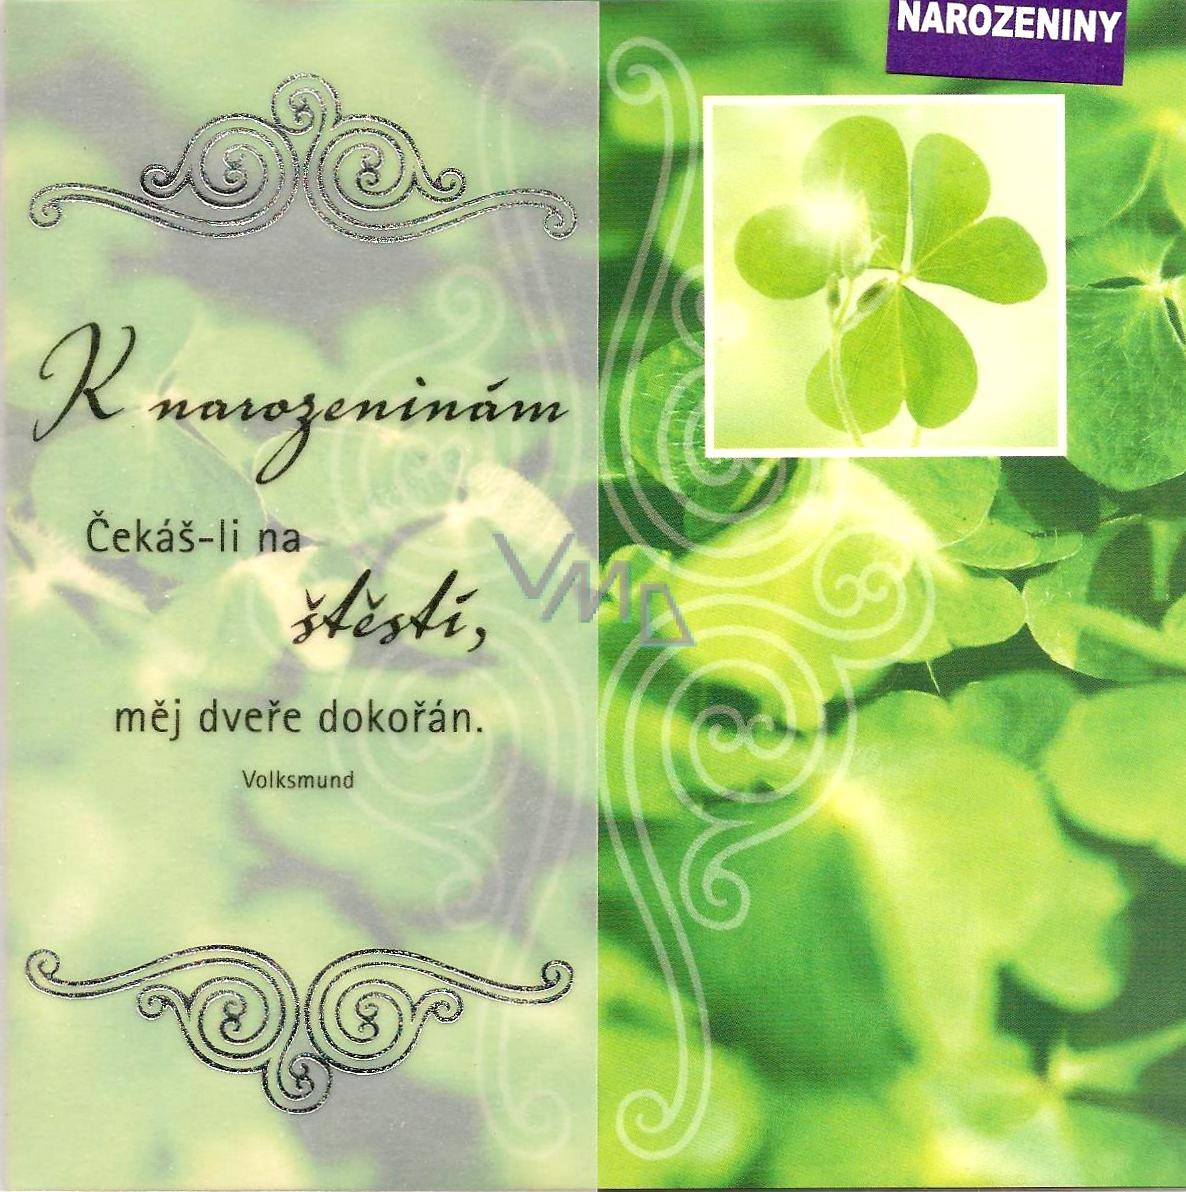 super přání k narozeninám Nekupto Přání k narozeninám čtyřlístek   VMD parfumerie   drogerie super přání k narozeninám